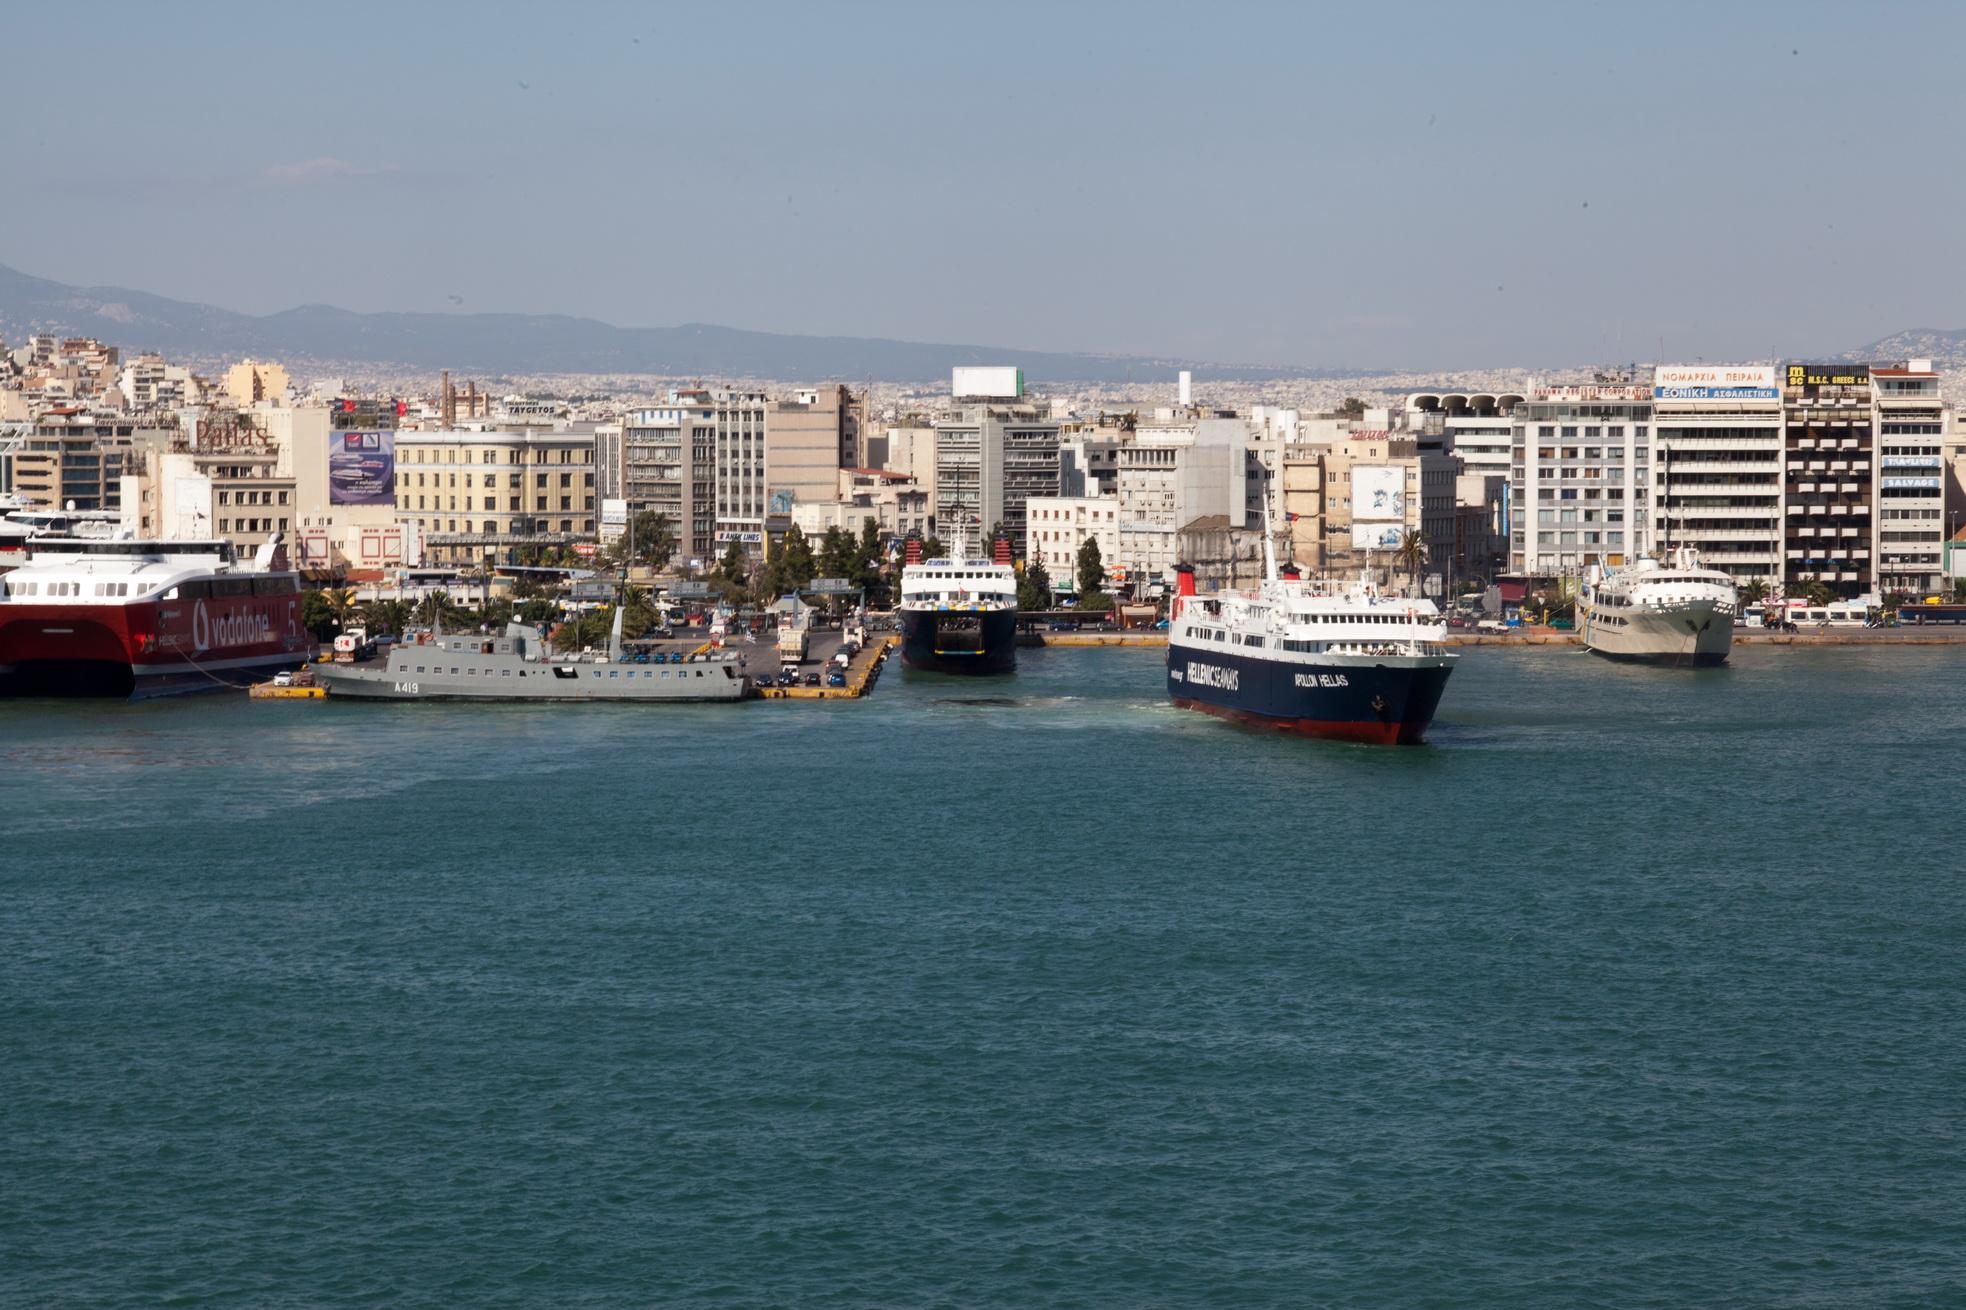 MS Apollon IMO 8807105 Heellas Hellenic Seaways Piraeus Port of Athens Greece 04